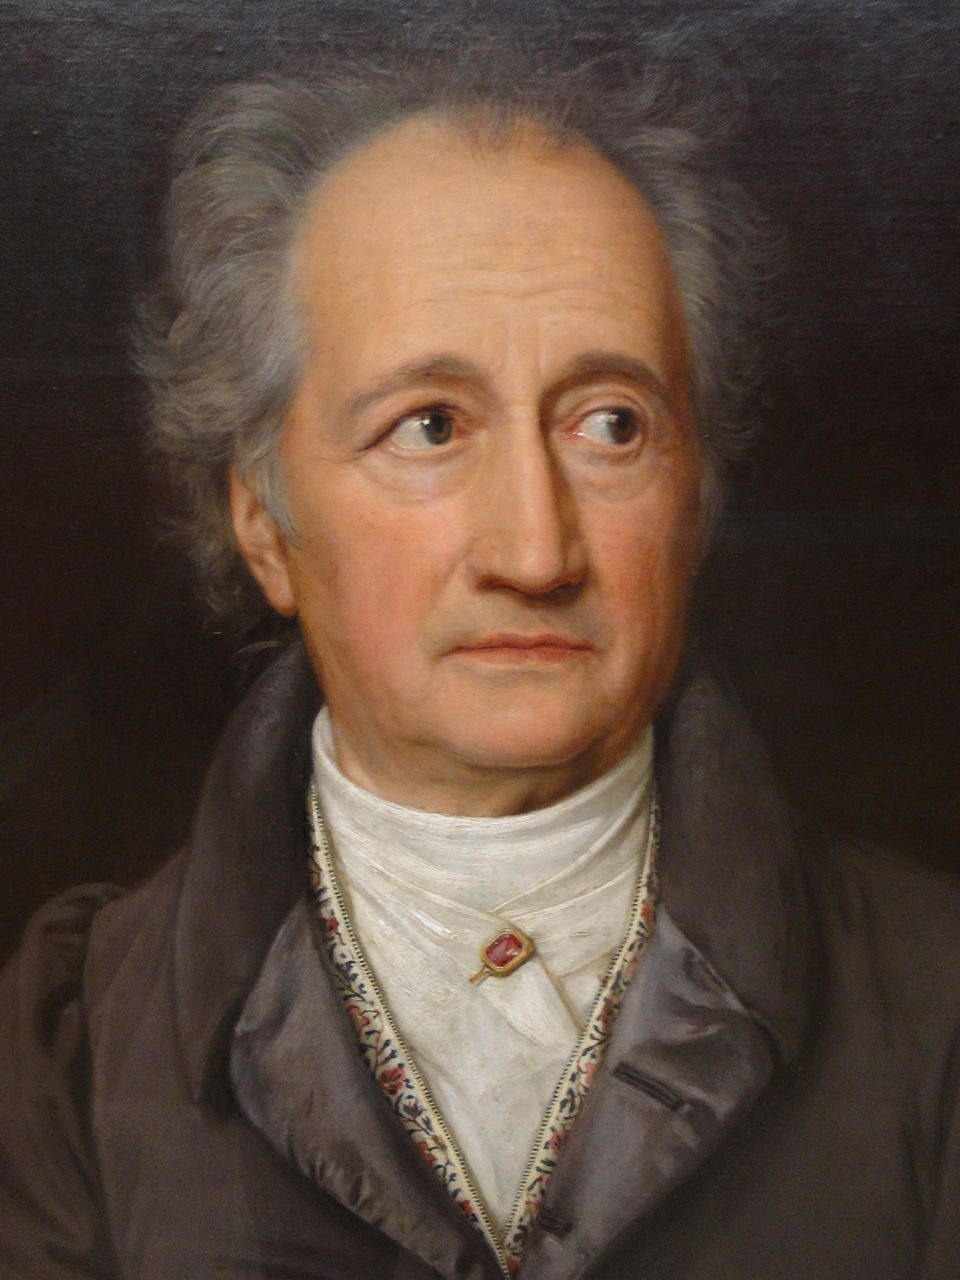 a biography of johann wolfgang von goethe a german writer and statesman Johann wolfgang von goethe (/ ˈ ɡ ɜːr t ə / german: [ˈjoːhan ˈvɔlfɡaŋ fɔn ˈɡøːtə] ( listen) 28 august 1749 – 22 march 1832) was a german writer and statesman.